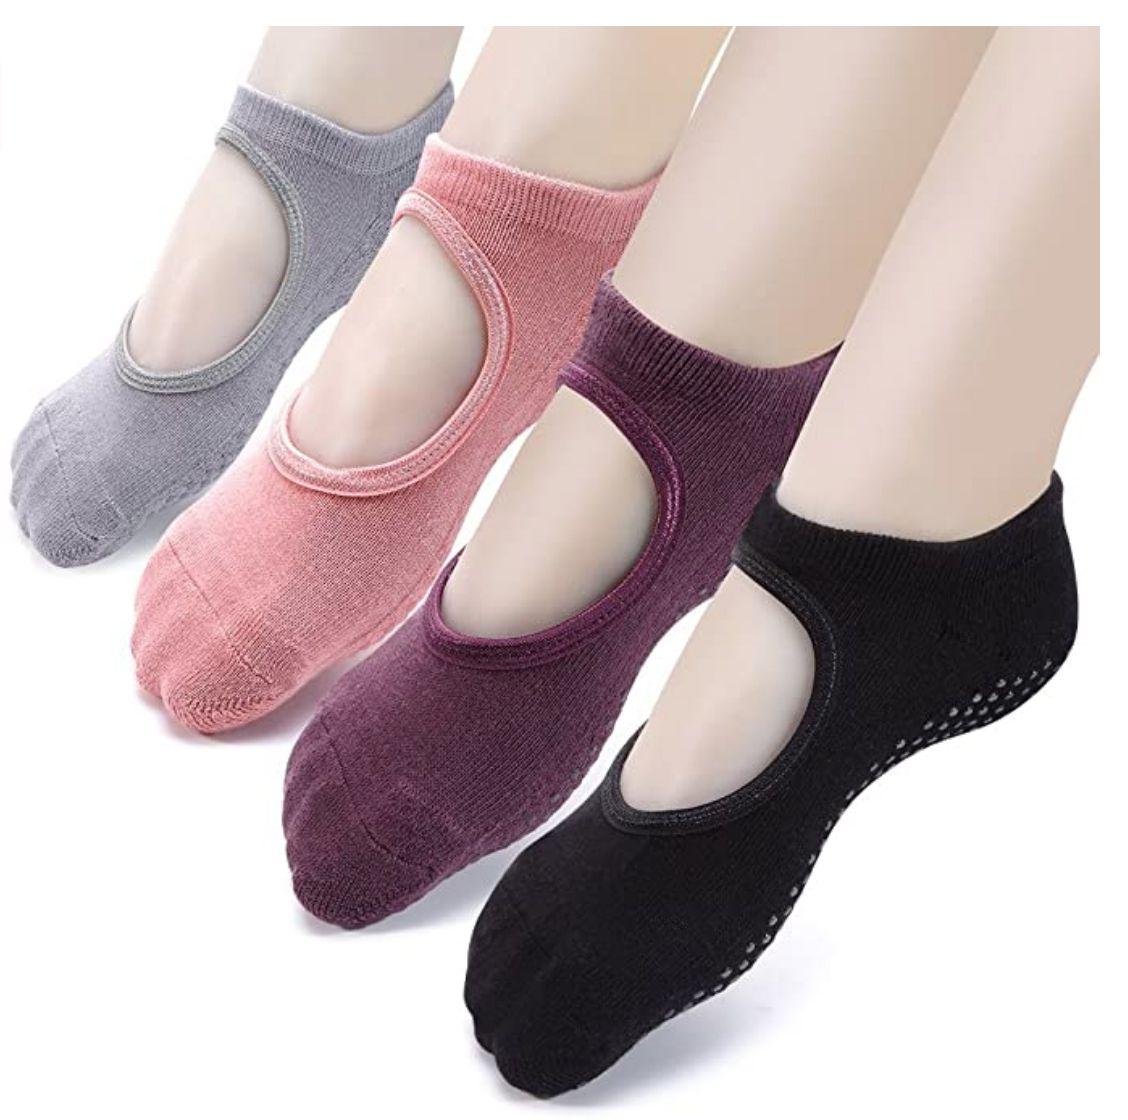 Cooque Yoga Socks